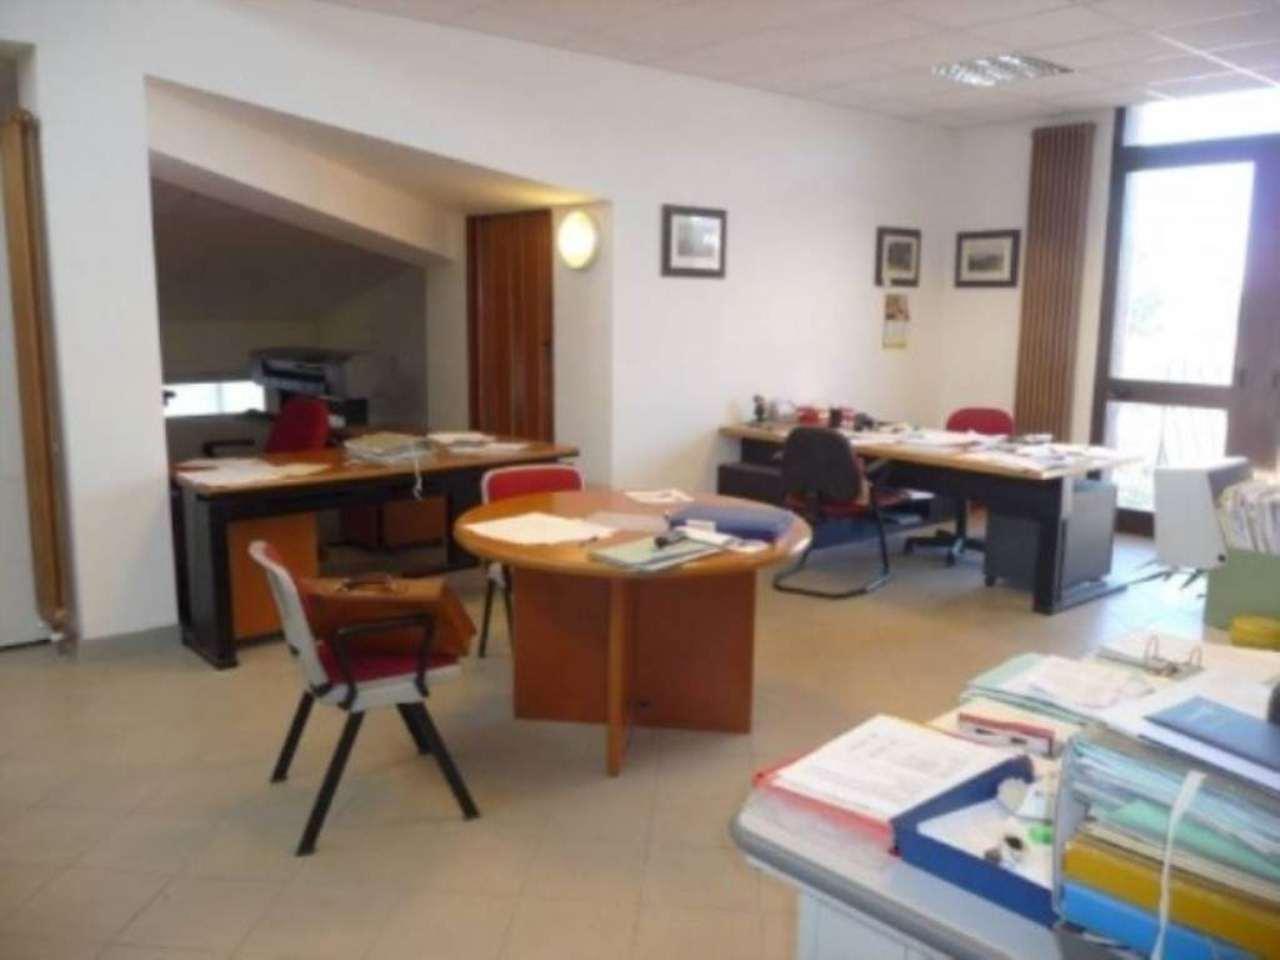 Ufficio / Studio in affitto a Varese, 1 locali, prezzo € 700   Cambio Casa.it